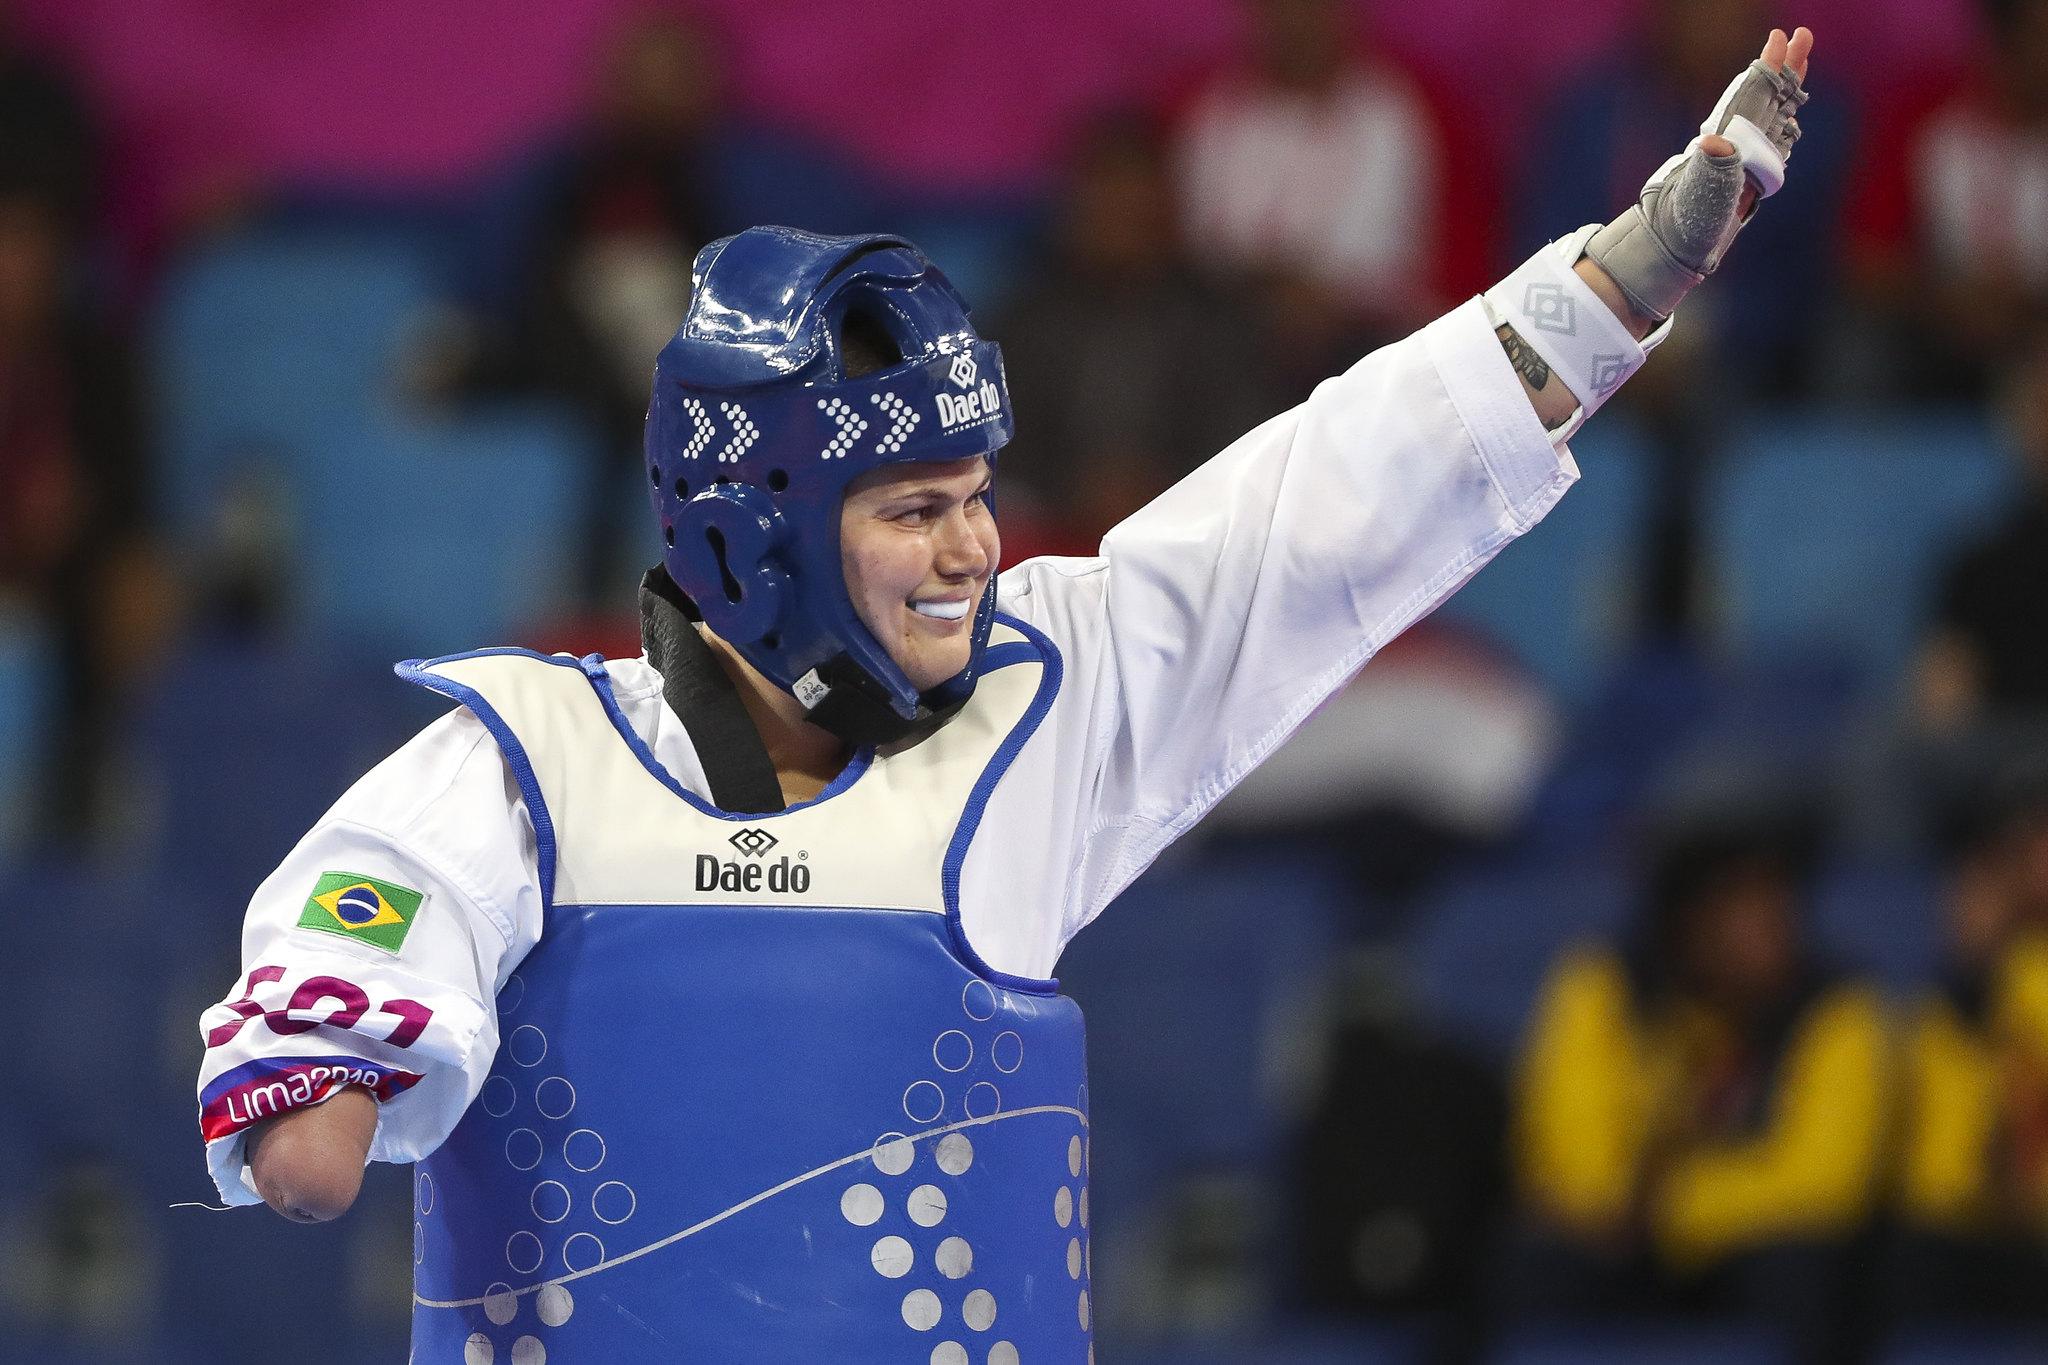 Usando um colete azul, Débora sorri e acena para o público após luta nos Jogos Parapan-Americanos